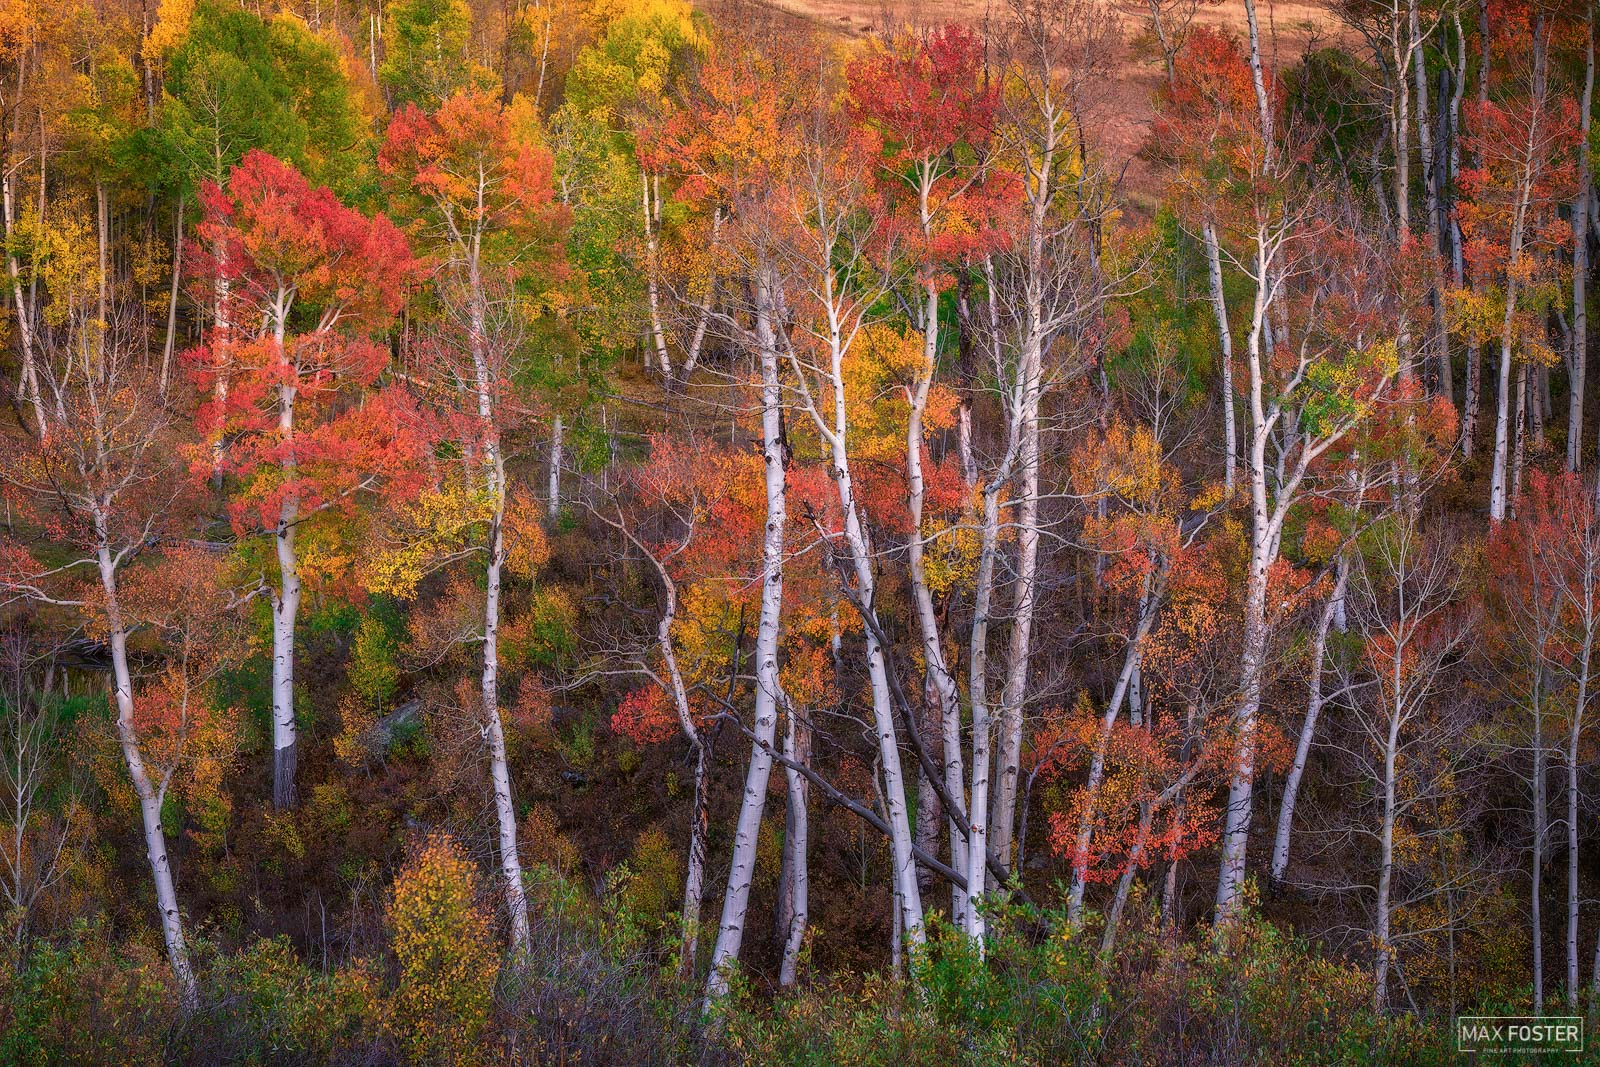 Ridgway, Colorado, Fireworks, Aspen Trees, Autumn, Yellow, Red, Orange, photo